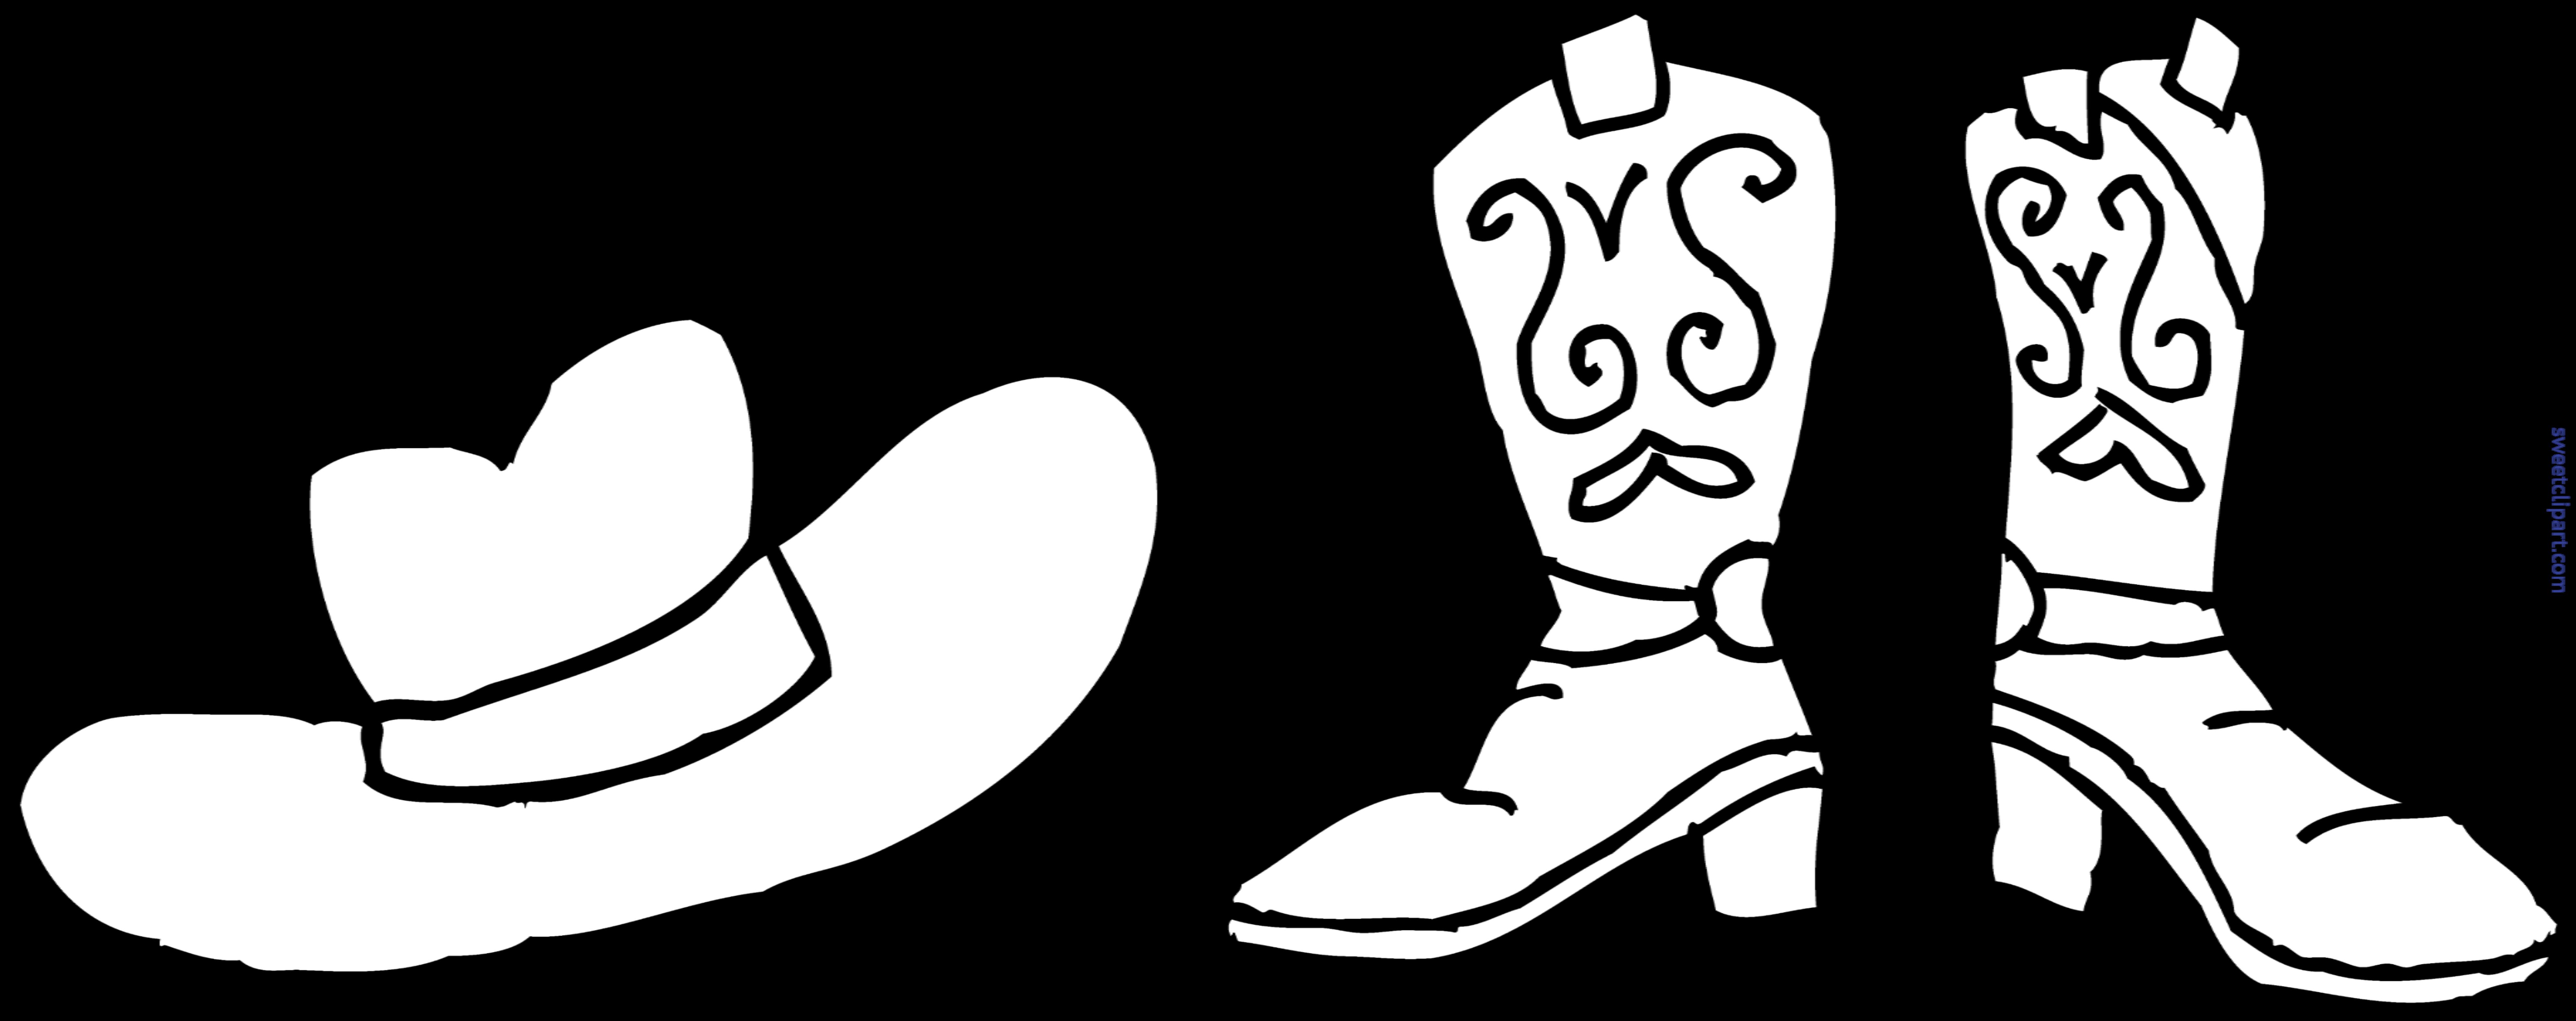 Cowboy Hat Boots Coloring Page Clip Art.